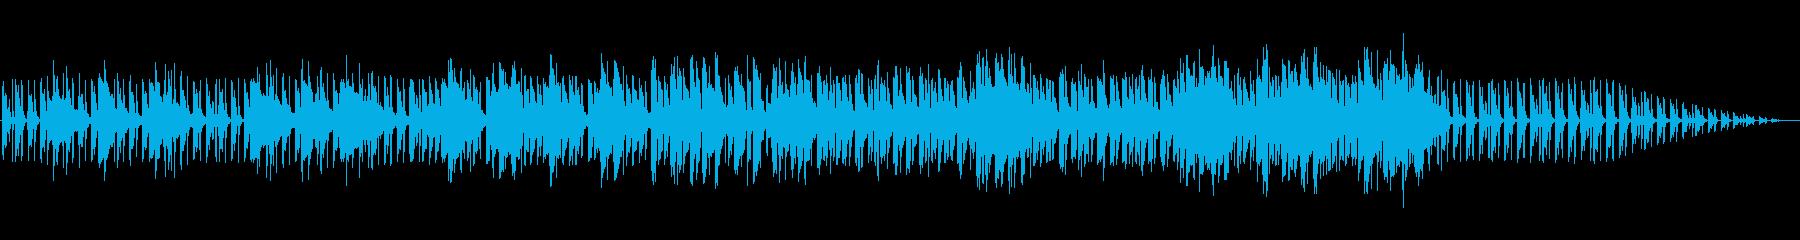 ダンス、テクノ、ハウス、ハンマー型...の再生済みの波形